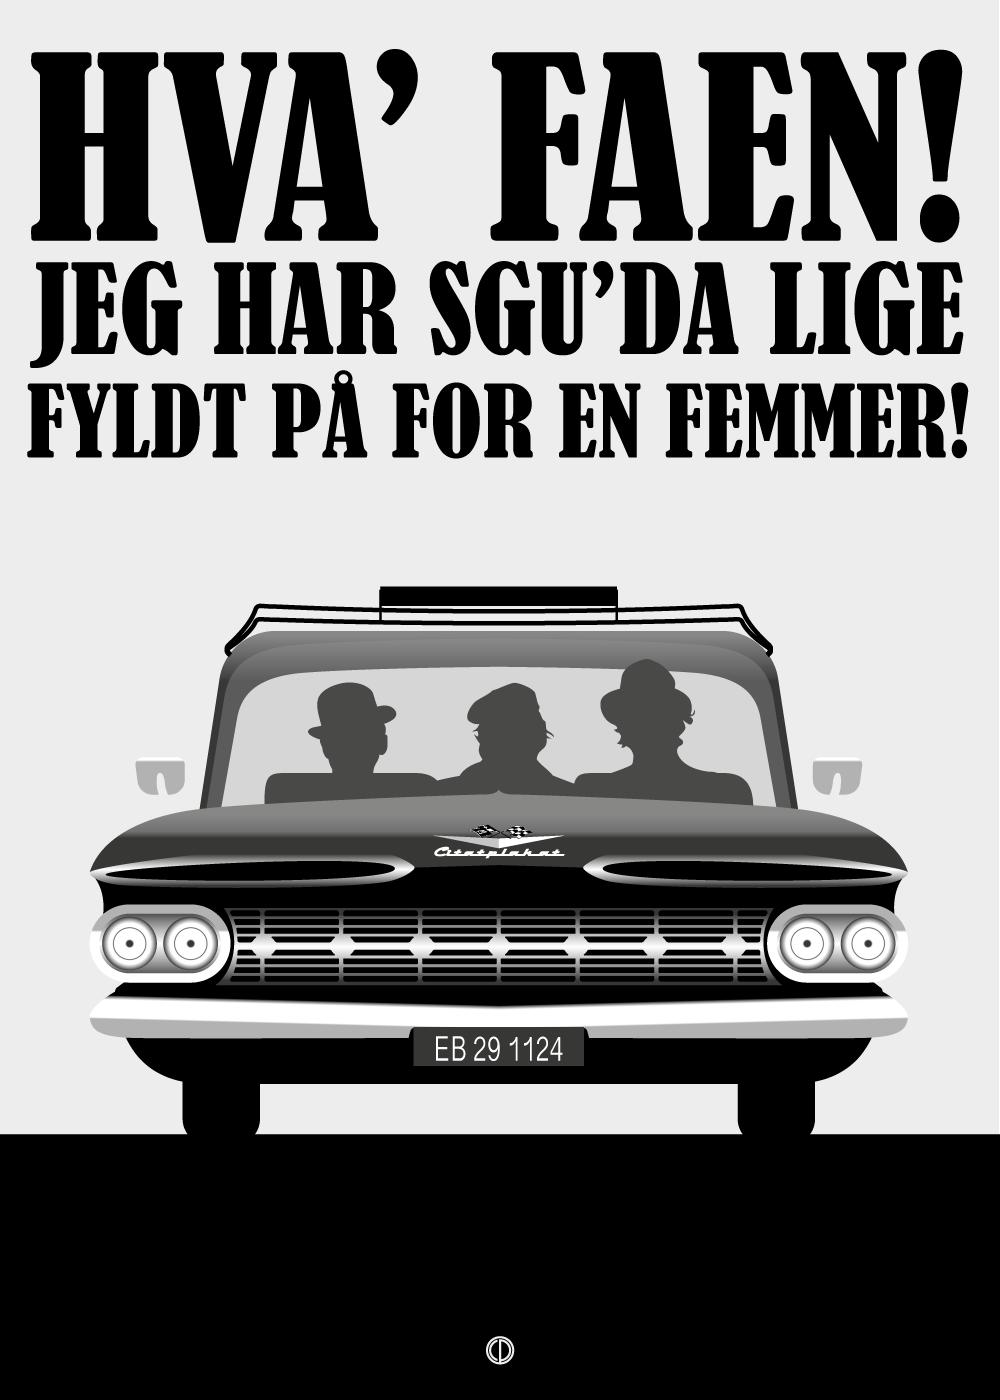 Billede af Lige fyldt på for en femmer - Olsen Banden plakat